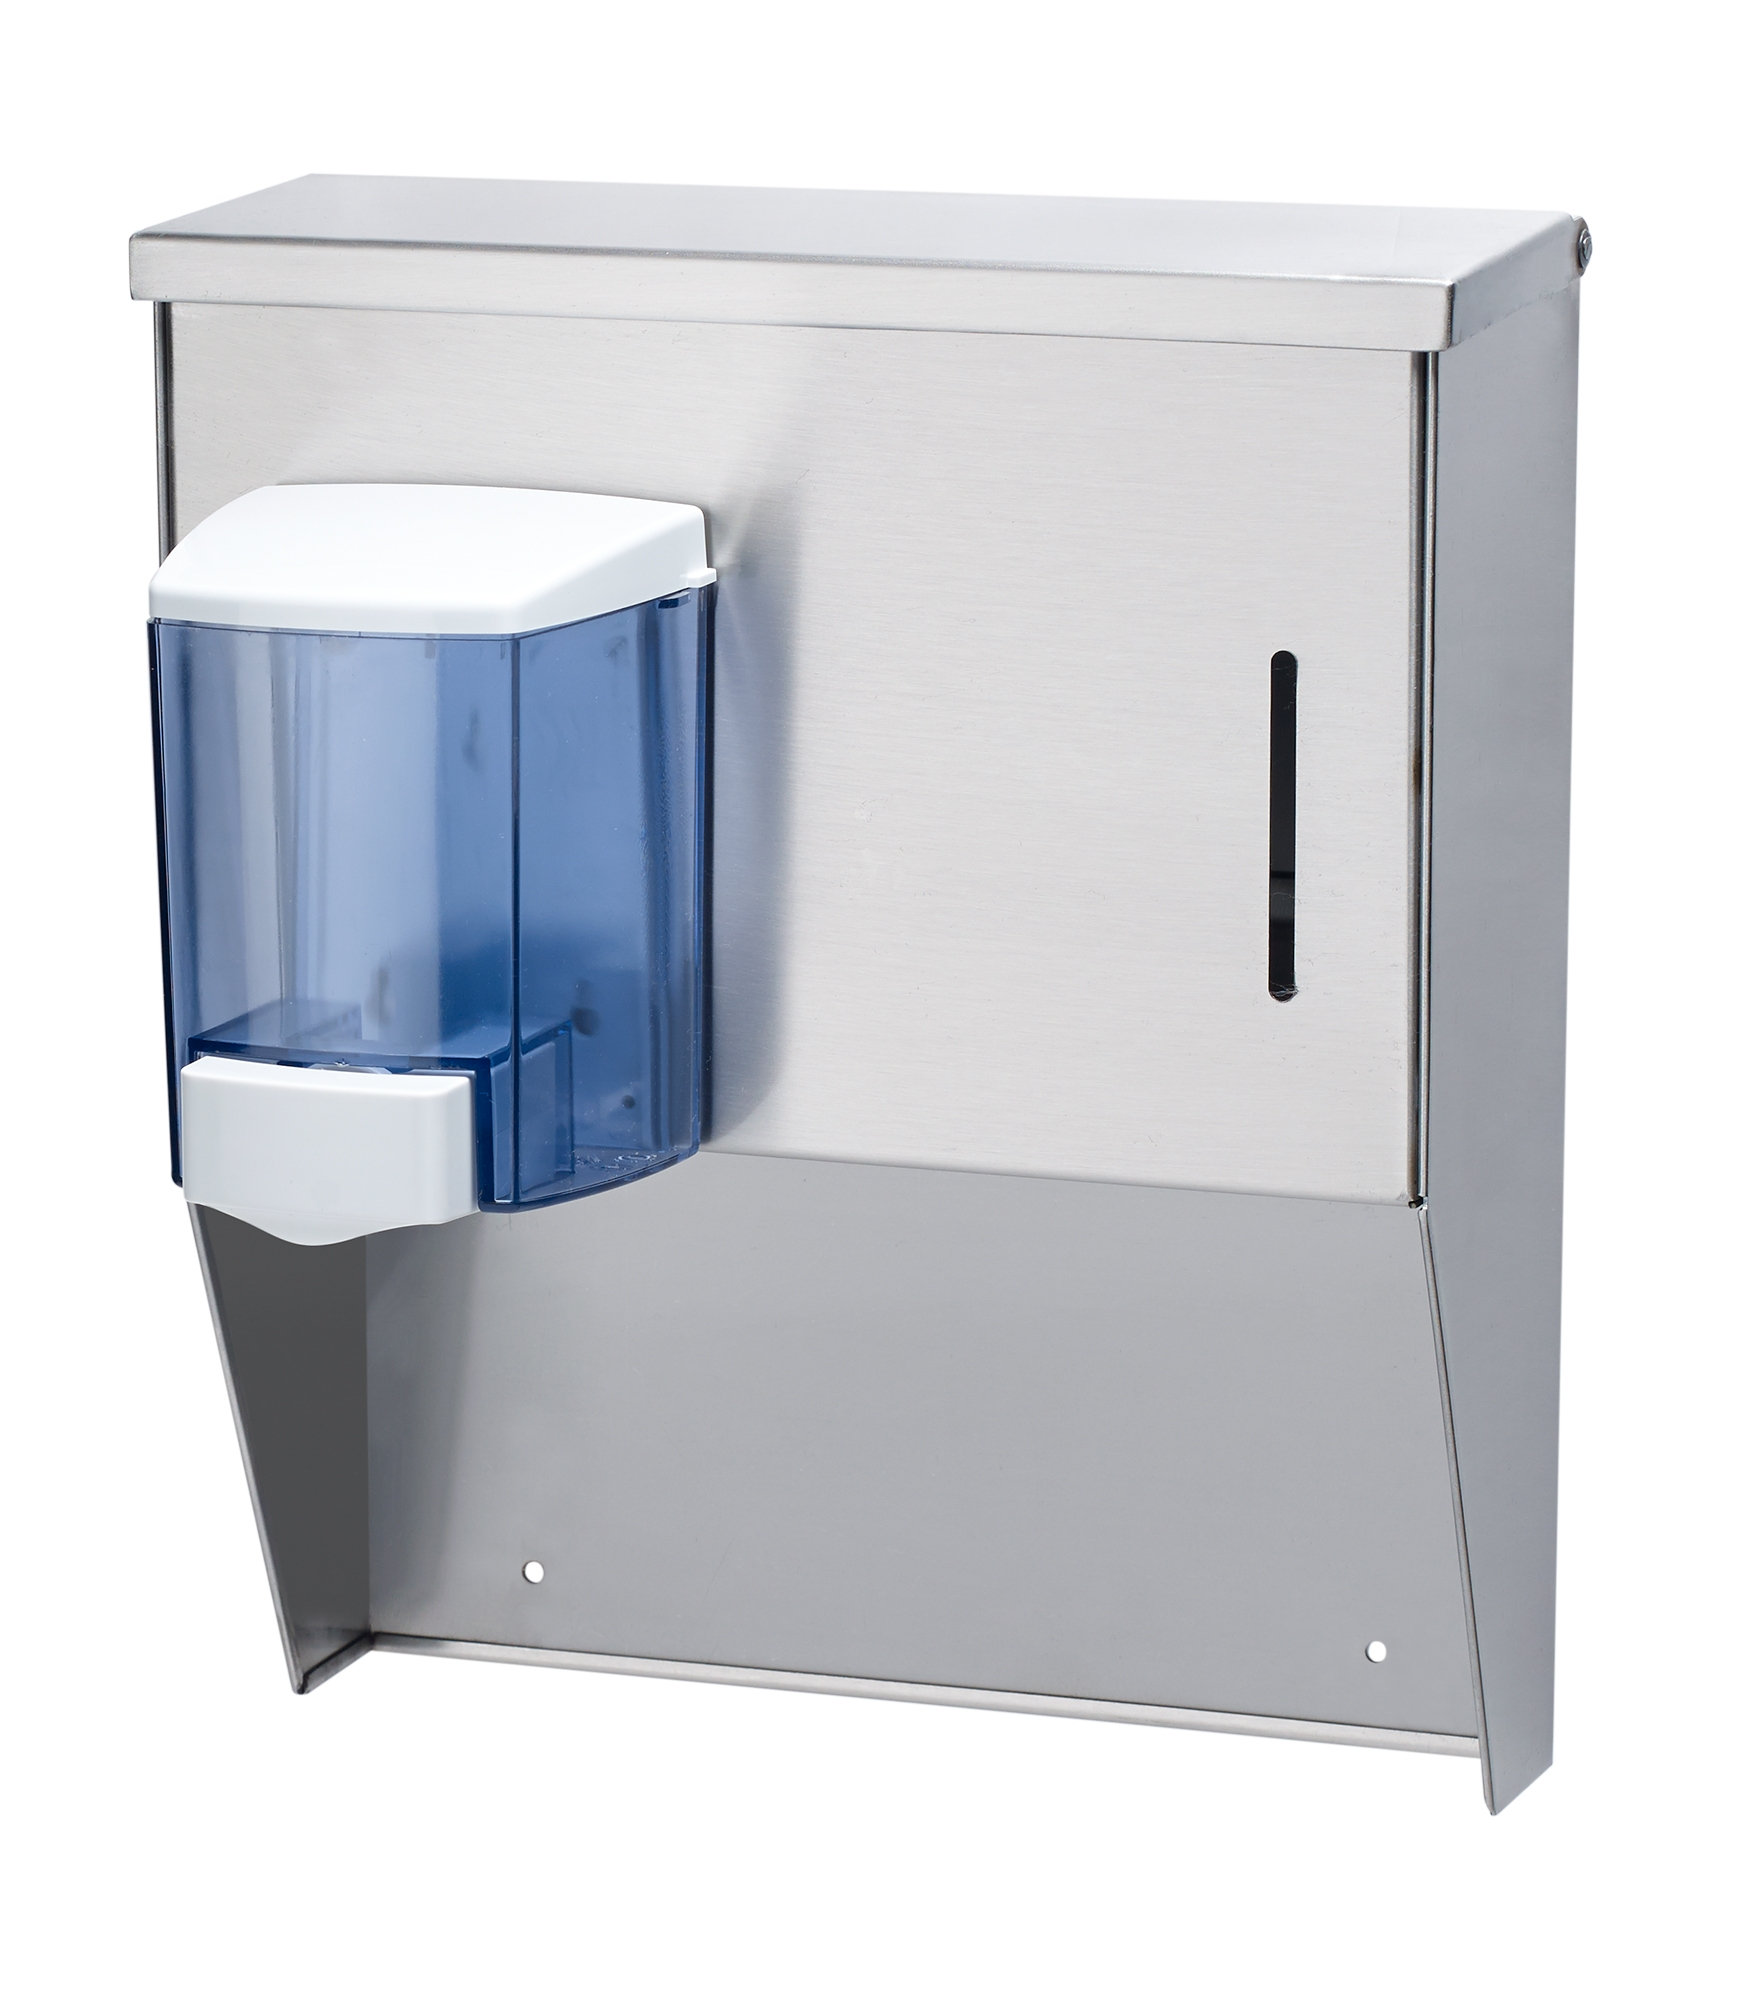 Krowne Metal H-115 hand sinks